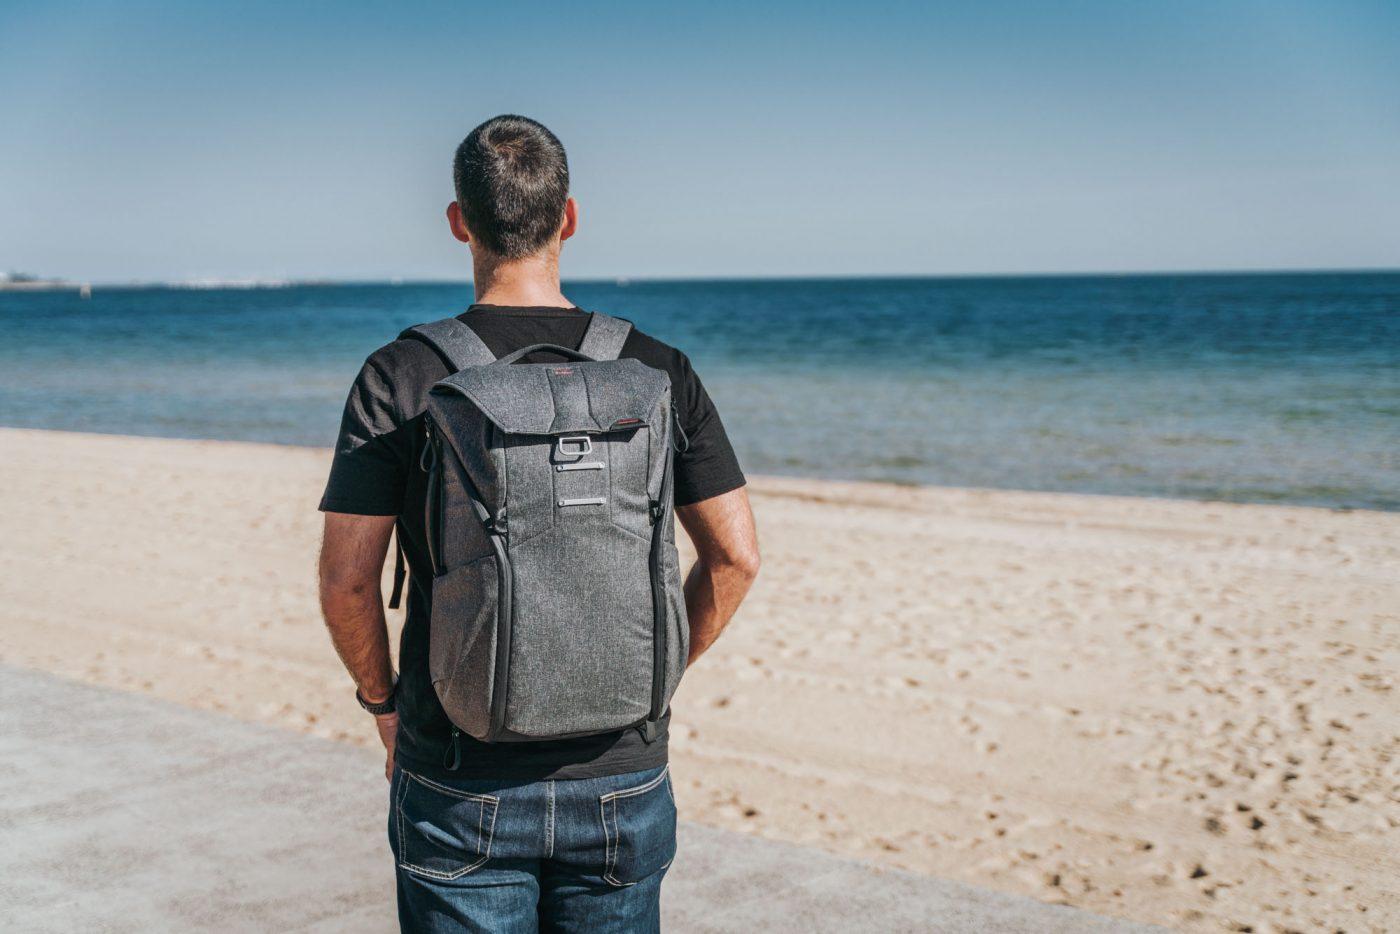 Peak Design Camera Bag, a responsible gift